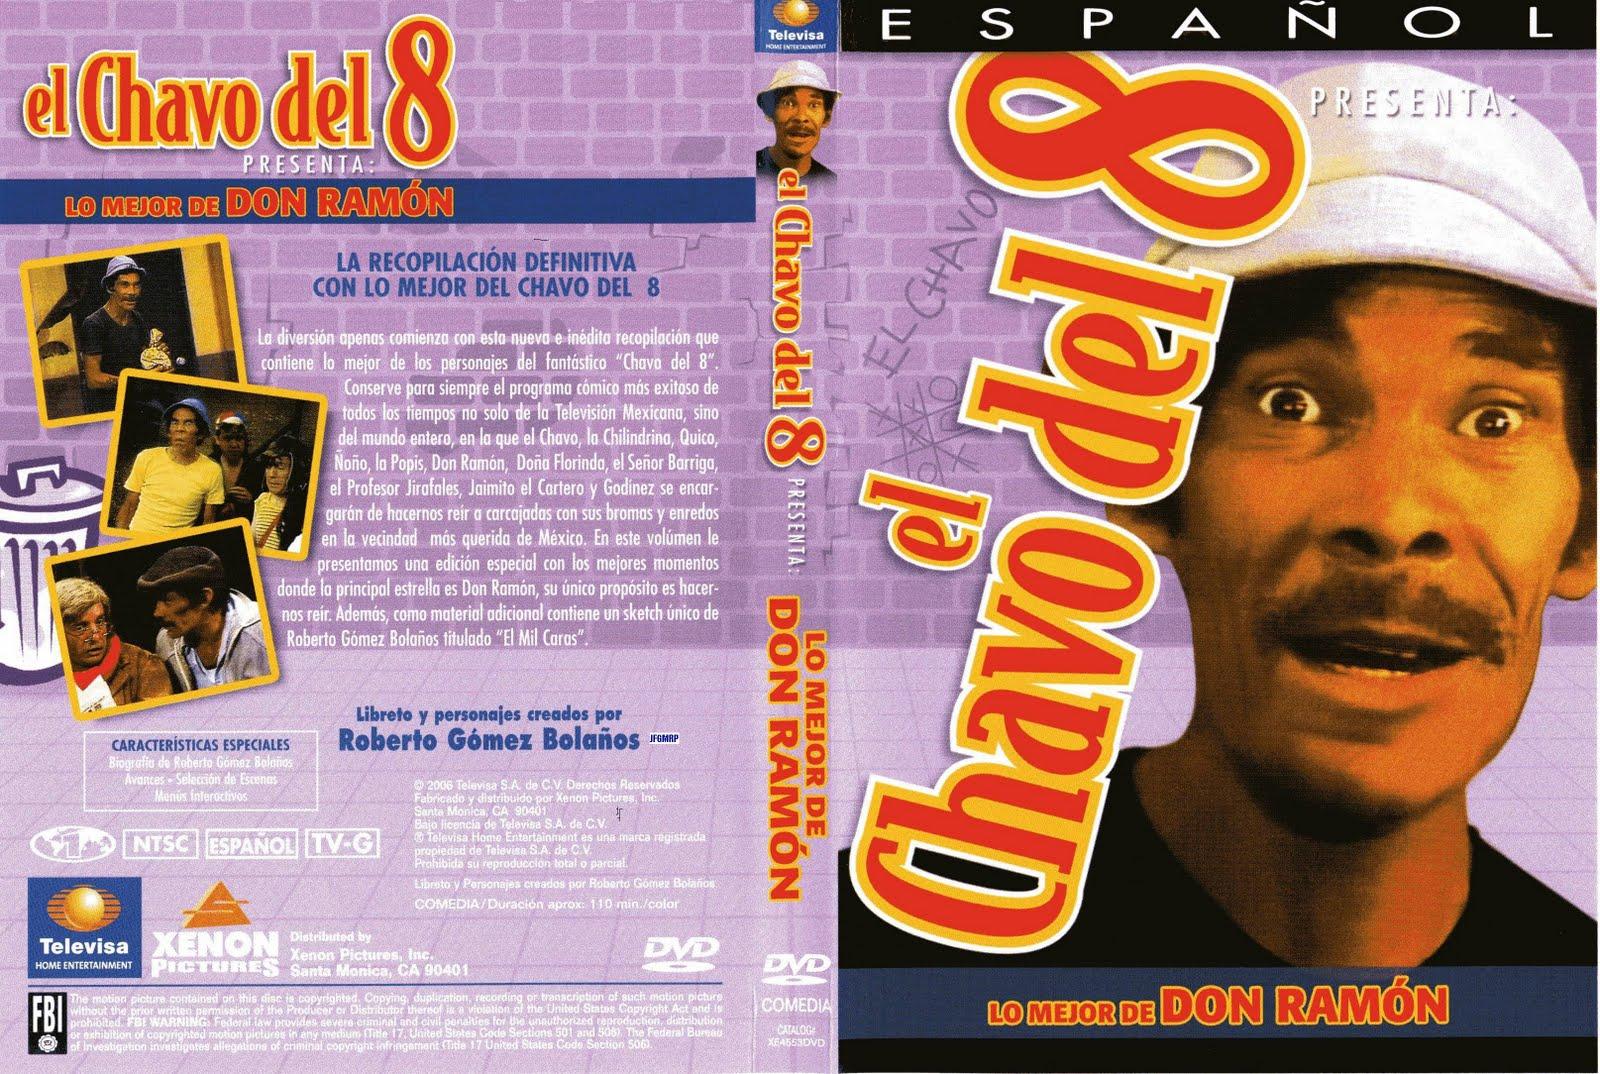 http://4.bp.blogspot.com/_Yo9jdb_UjCw/S85bA4UMzqI/AAAAAAAAAA8/nlwGabkVYvI/s1600/El_Chavo_Del_8_-_Lo_Mejor_De_Don_Ramon_por_mrubina.jpg